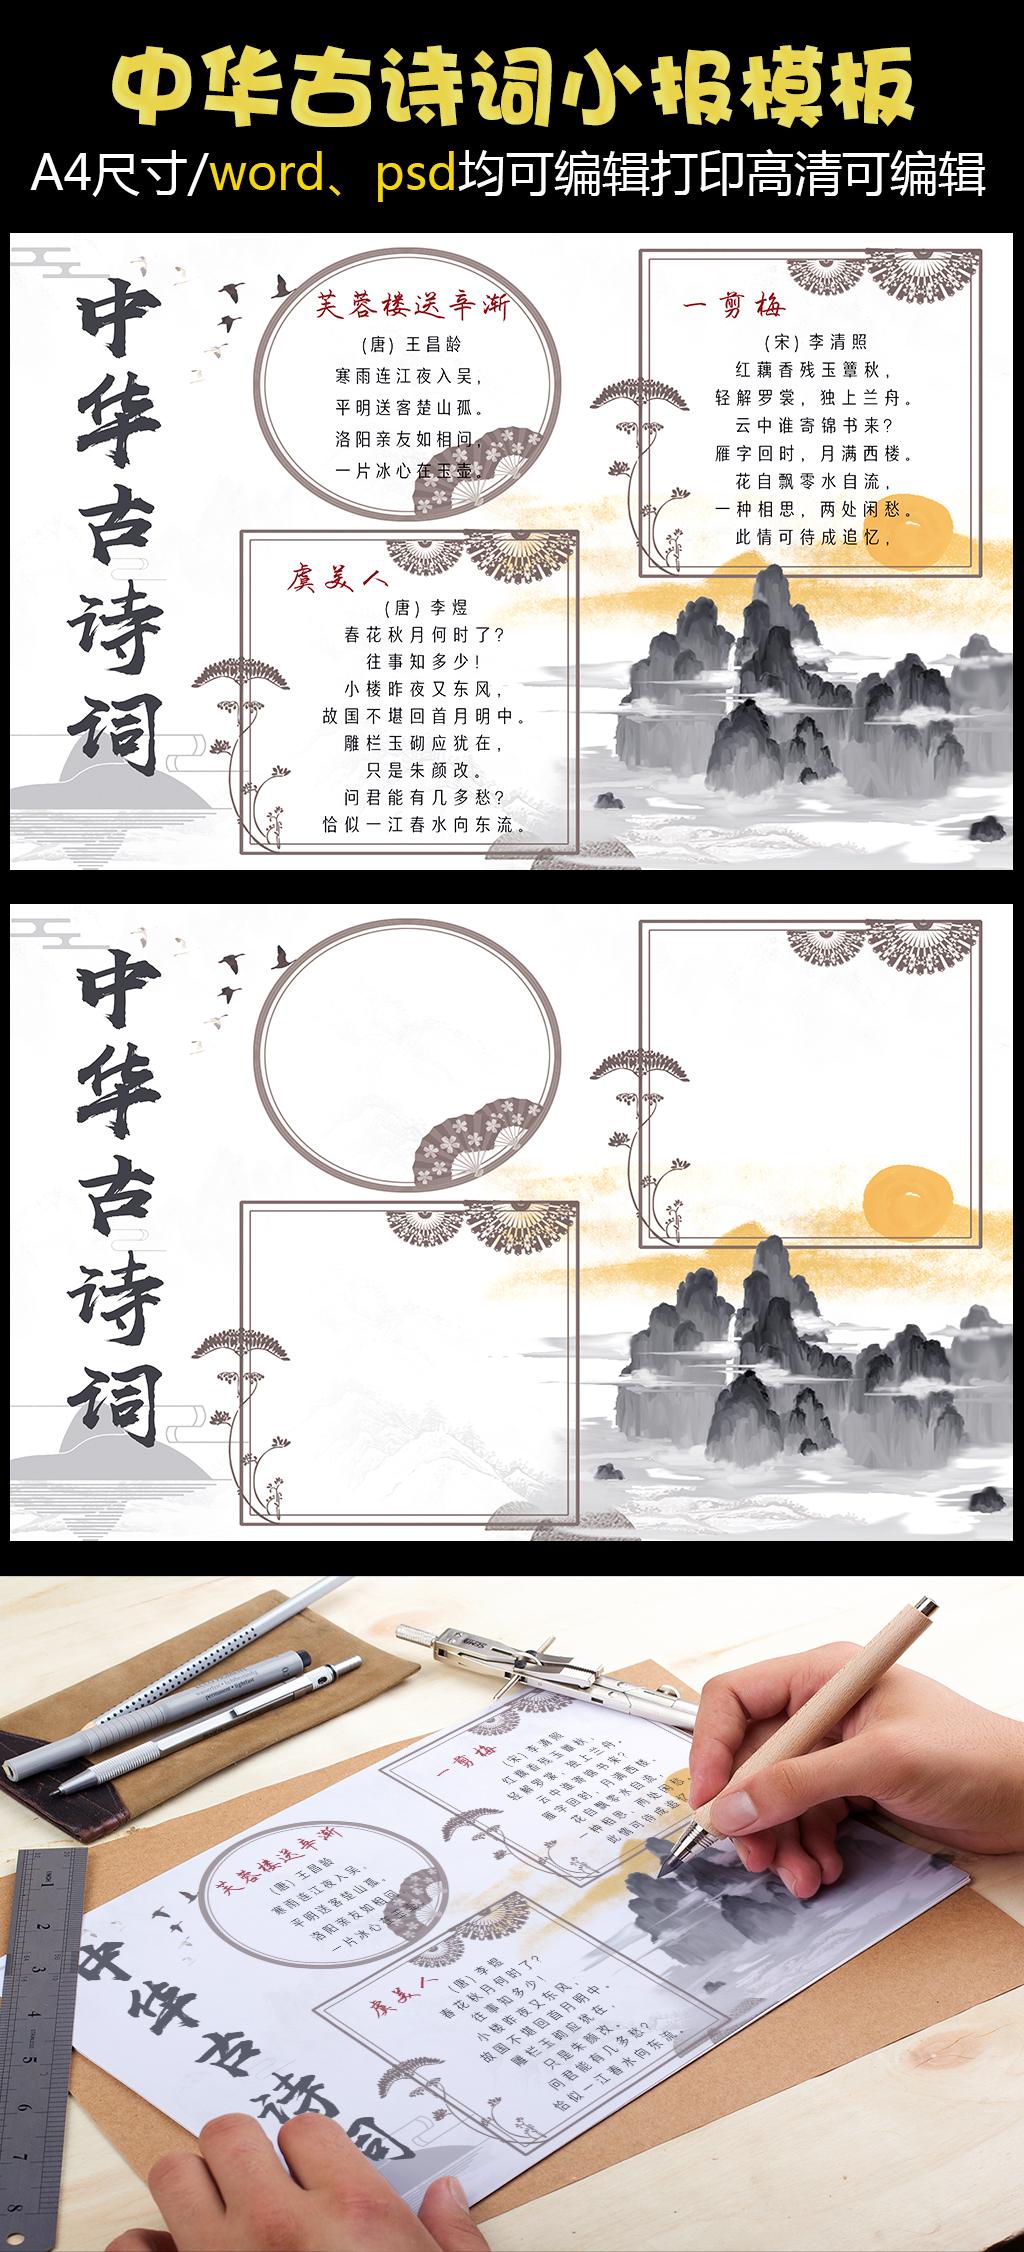 水墨中国风古诗词小报手抄报模板